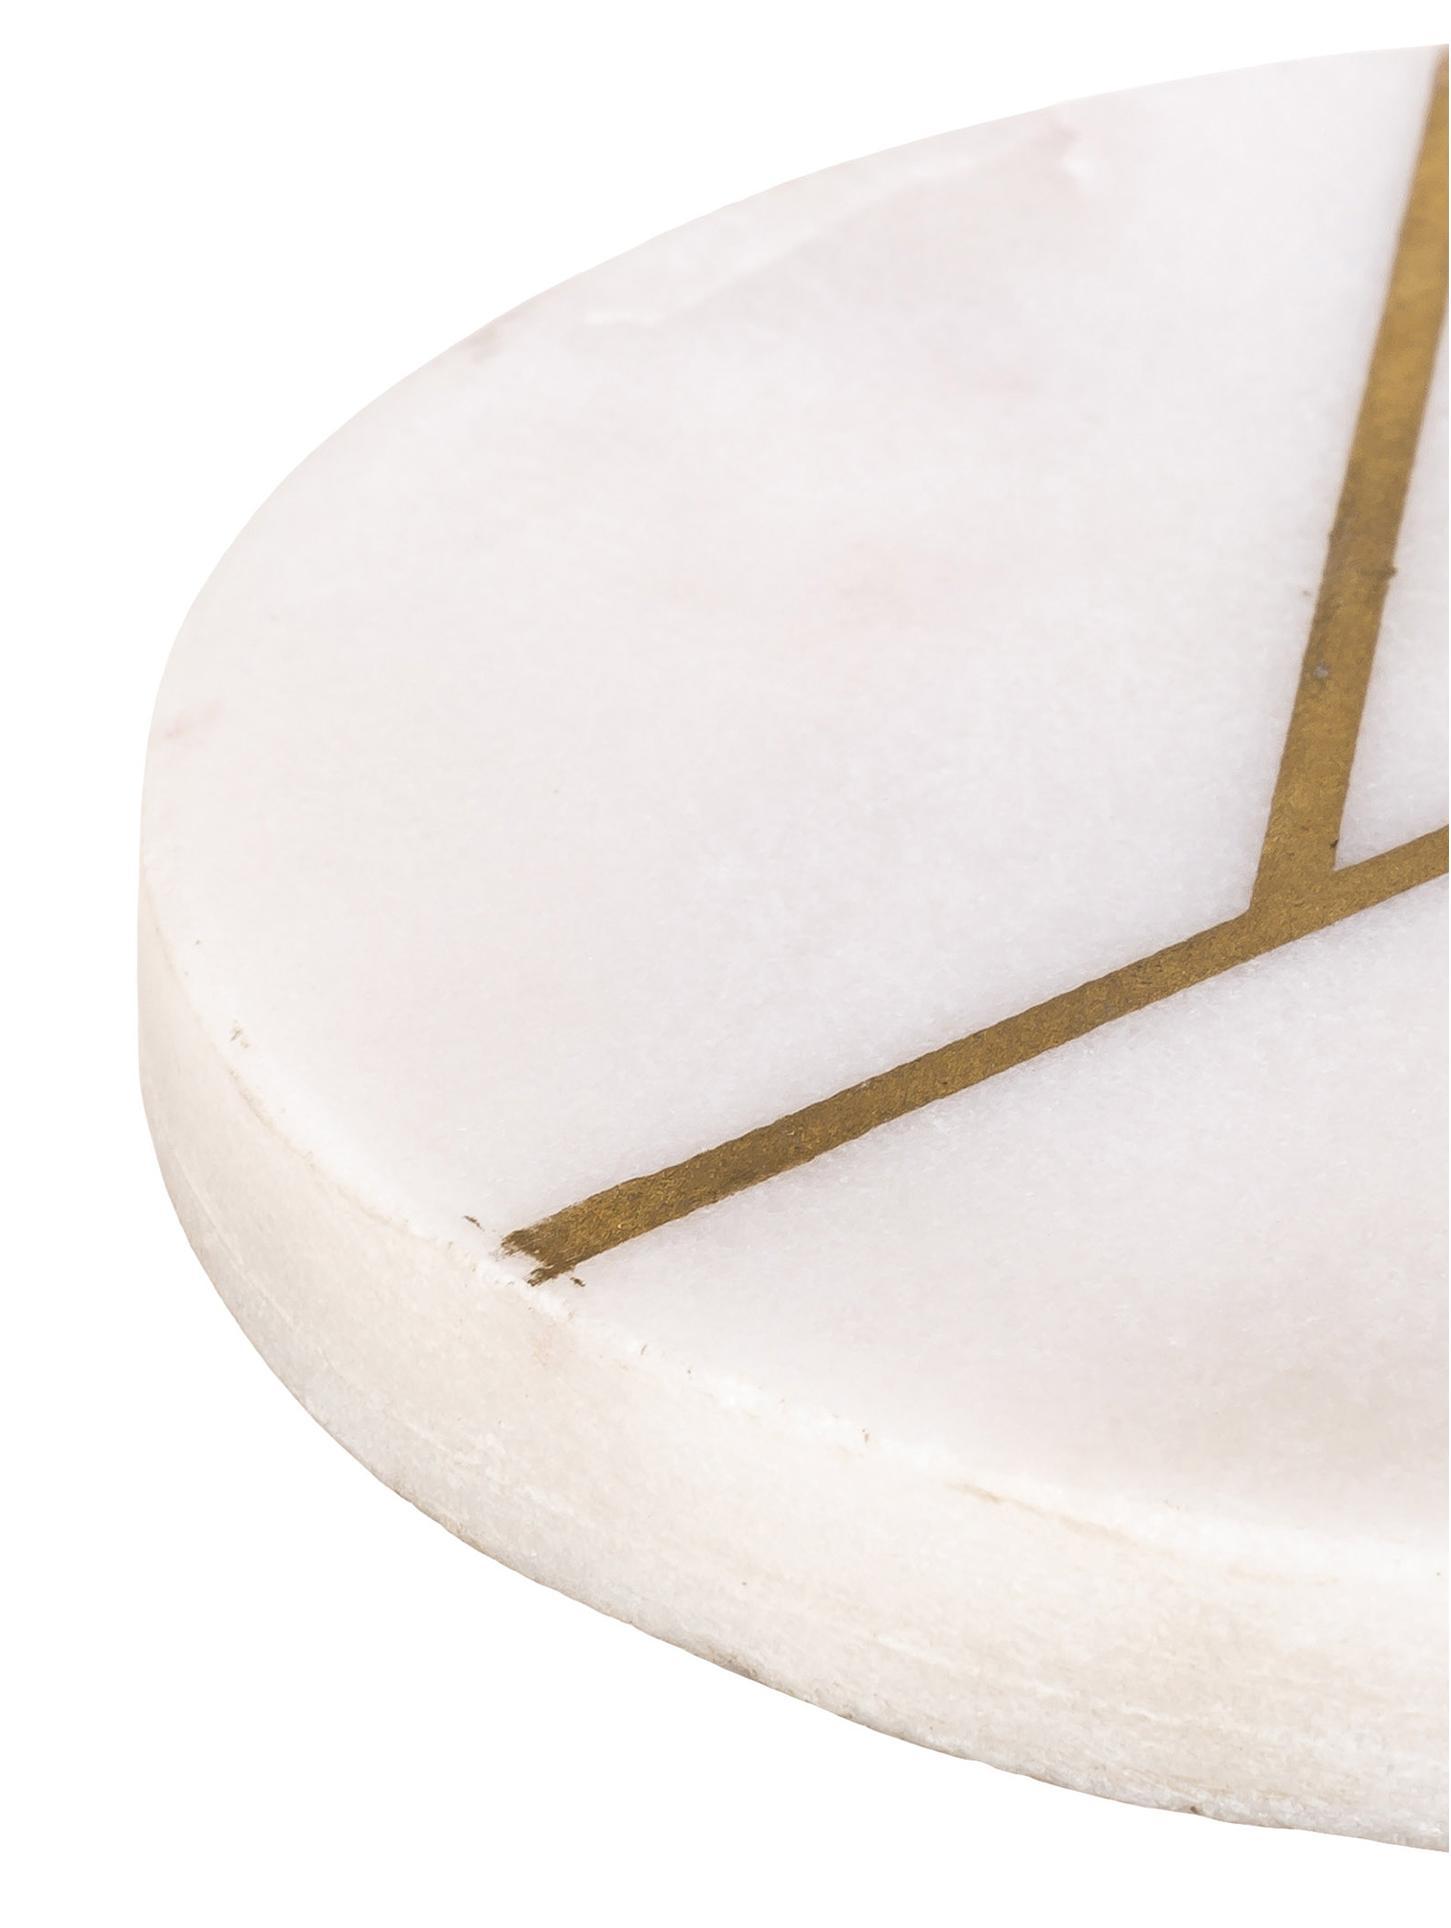 Marmor-Untersetzer Marek, 4 Stück, Marmor, Weiss marmoriert, Goldfarben, Ø 10 x H 1 cm